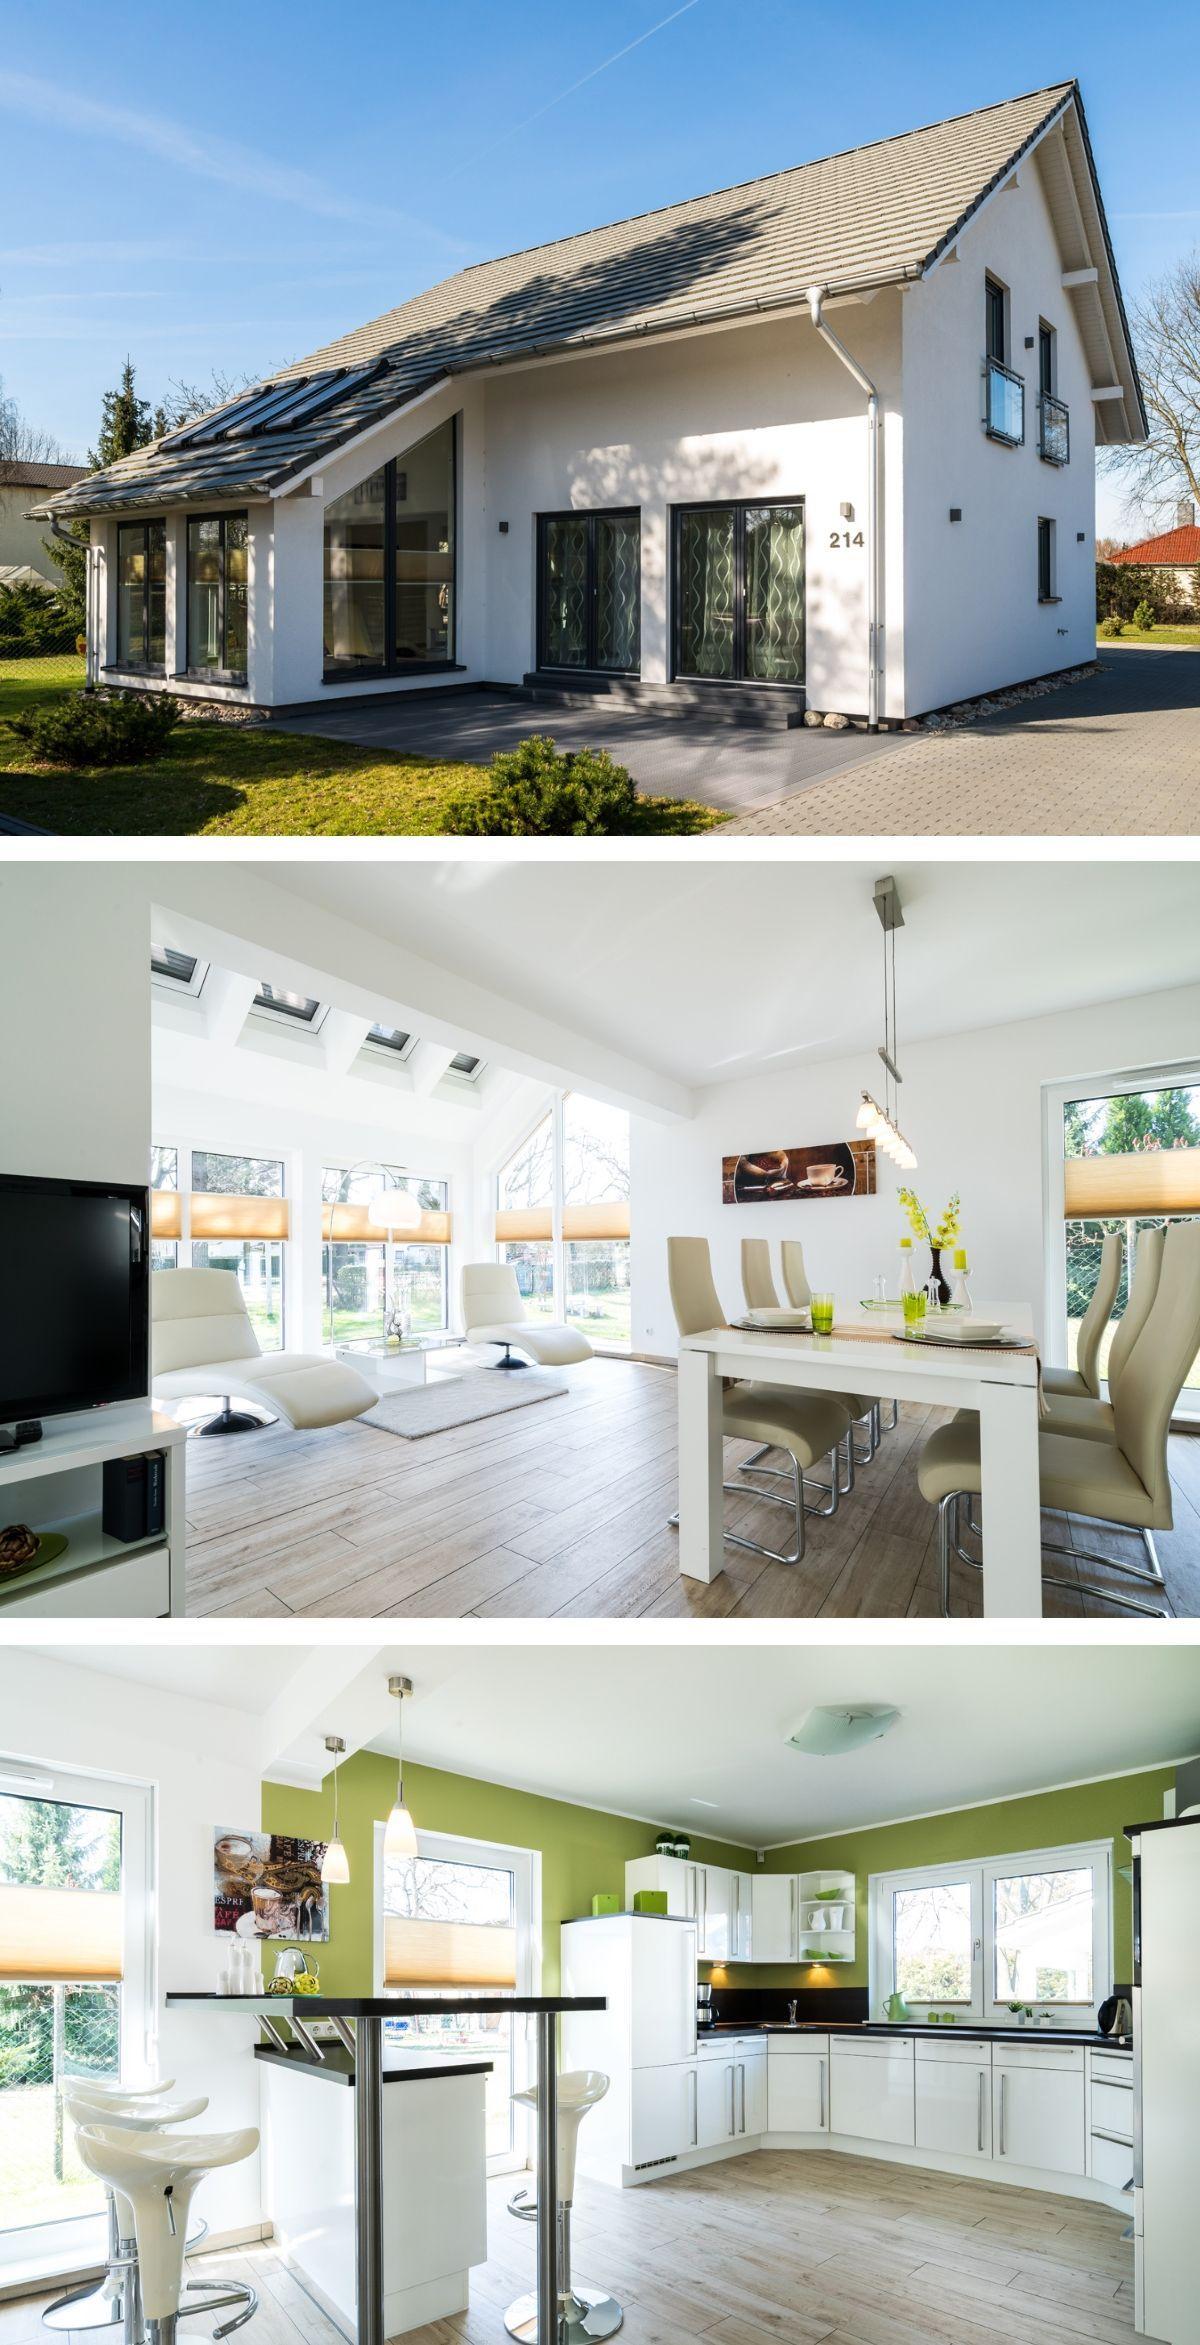 modernes satteldach haus mit wintergarten anbau innen einrichtung modern k che offen. Black Bedroom Furniture Sets. Home Design Ideas